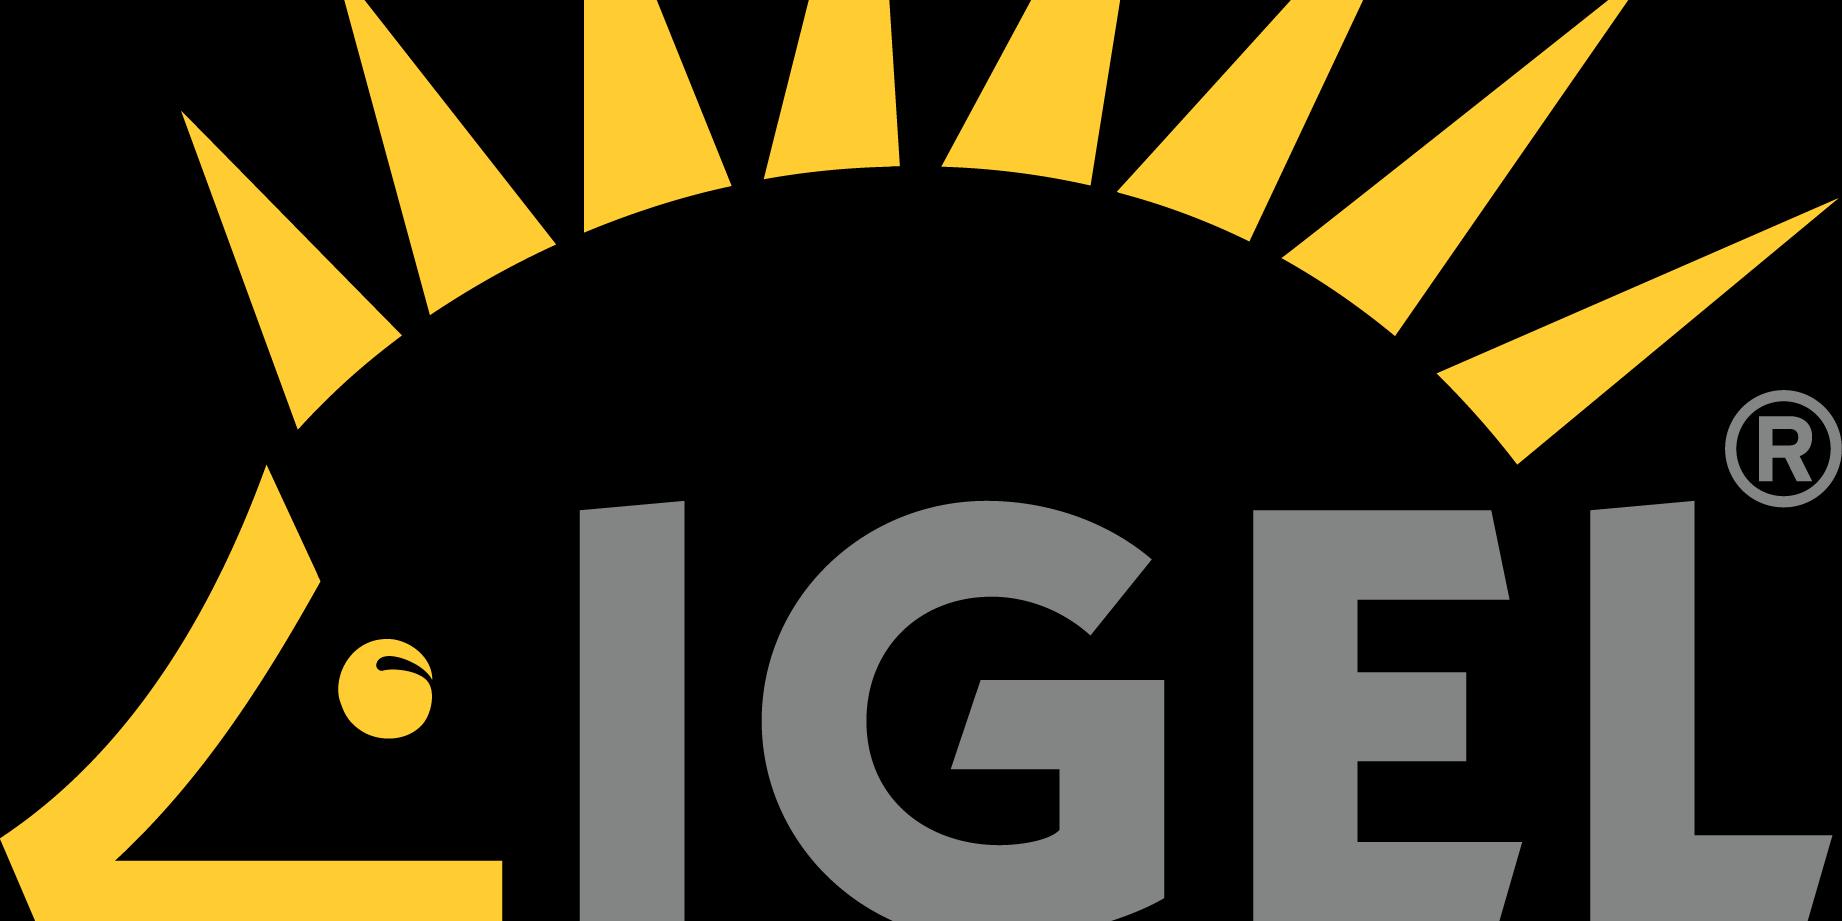 Toshiba et Igel dévoilent de nouvelles solutions mobiles basées sur Linux